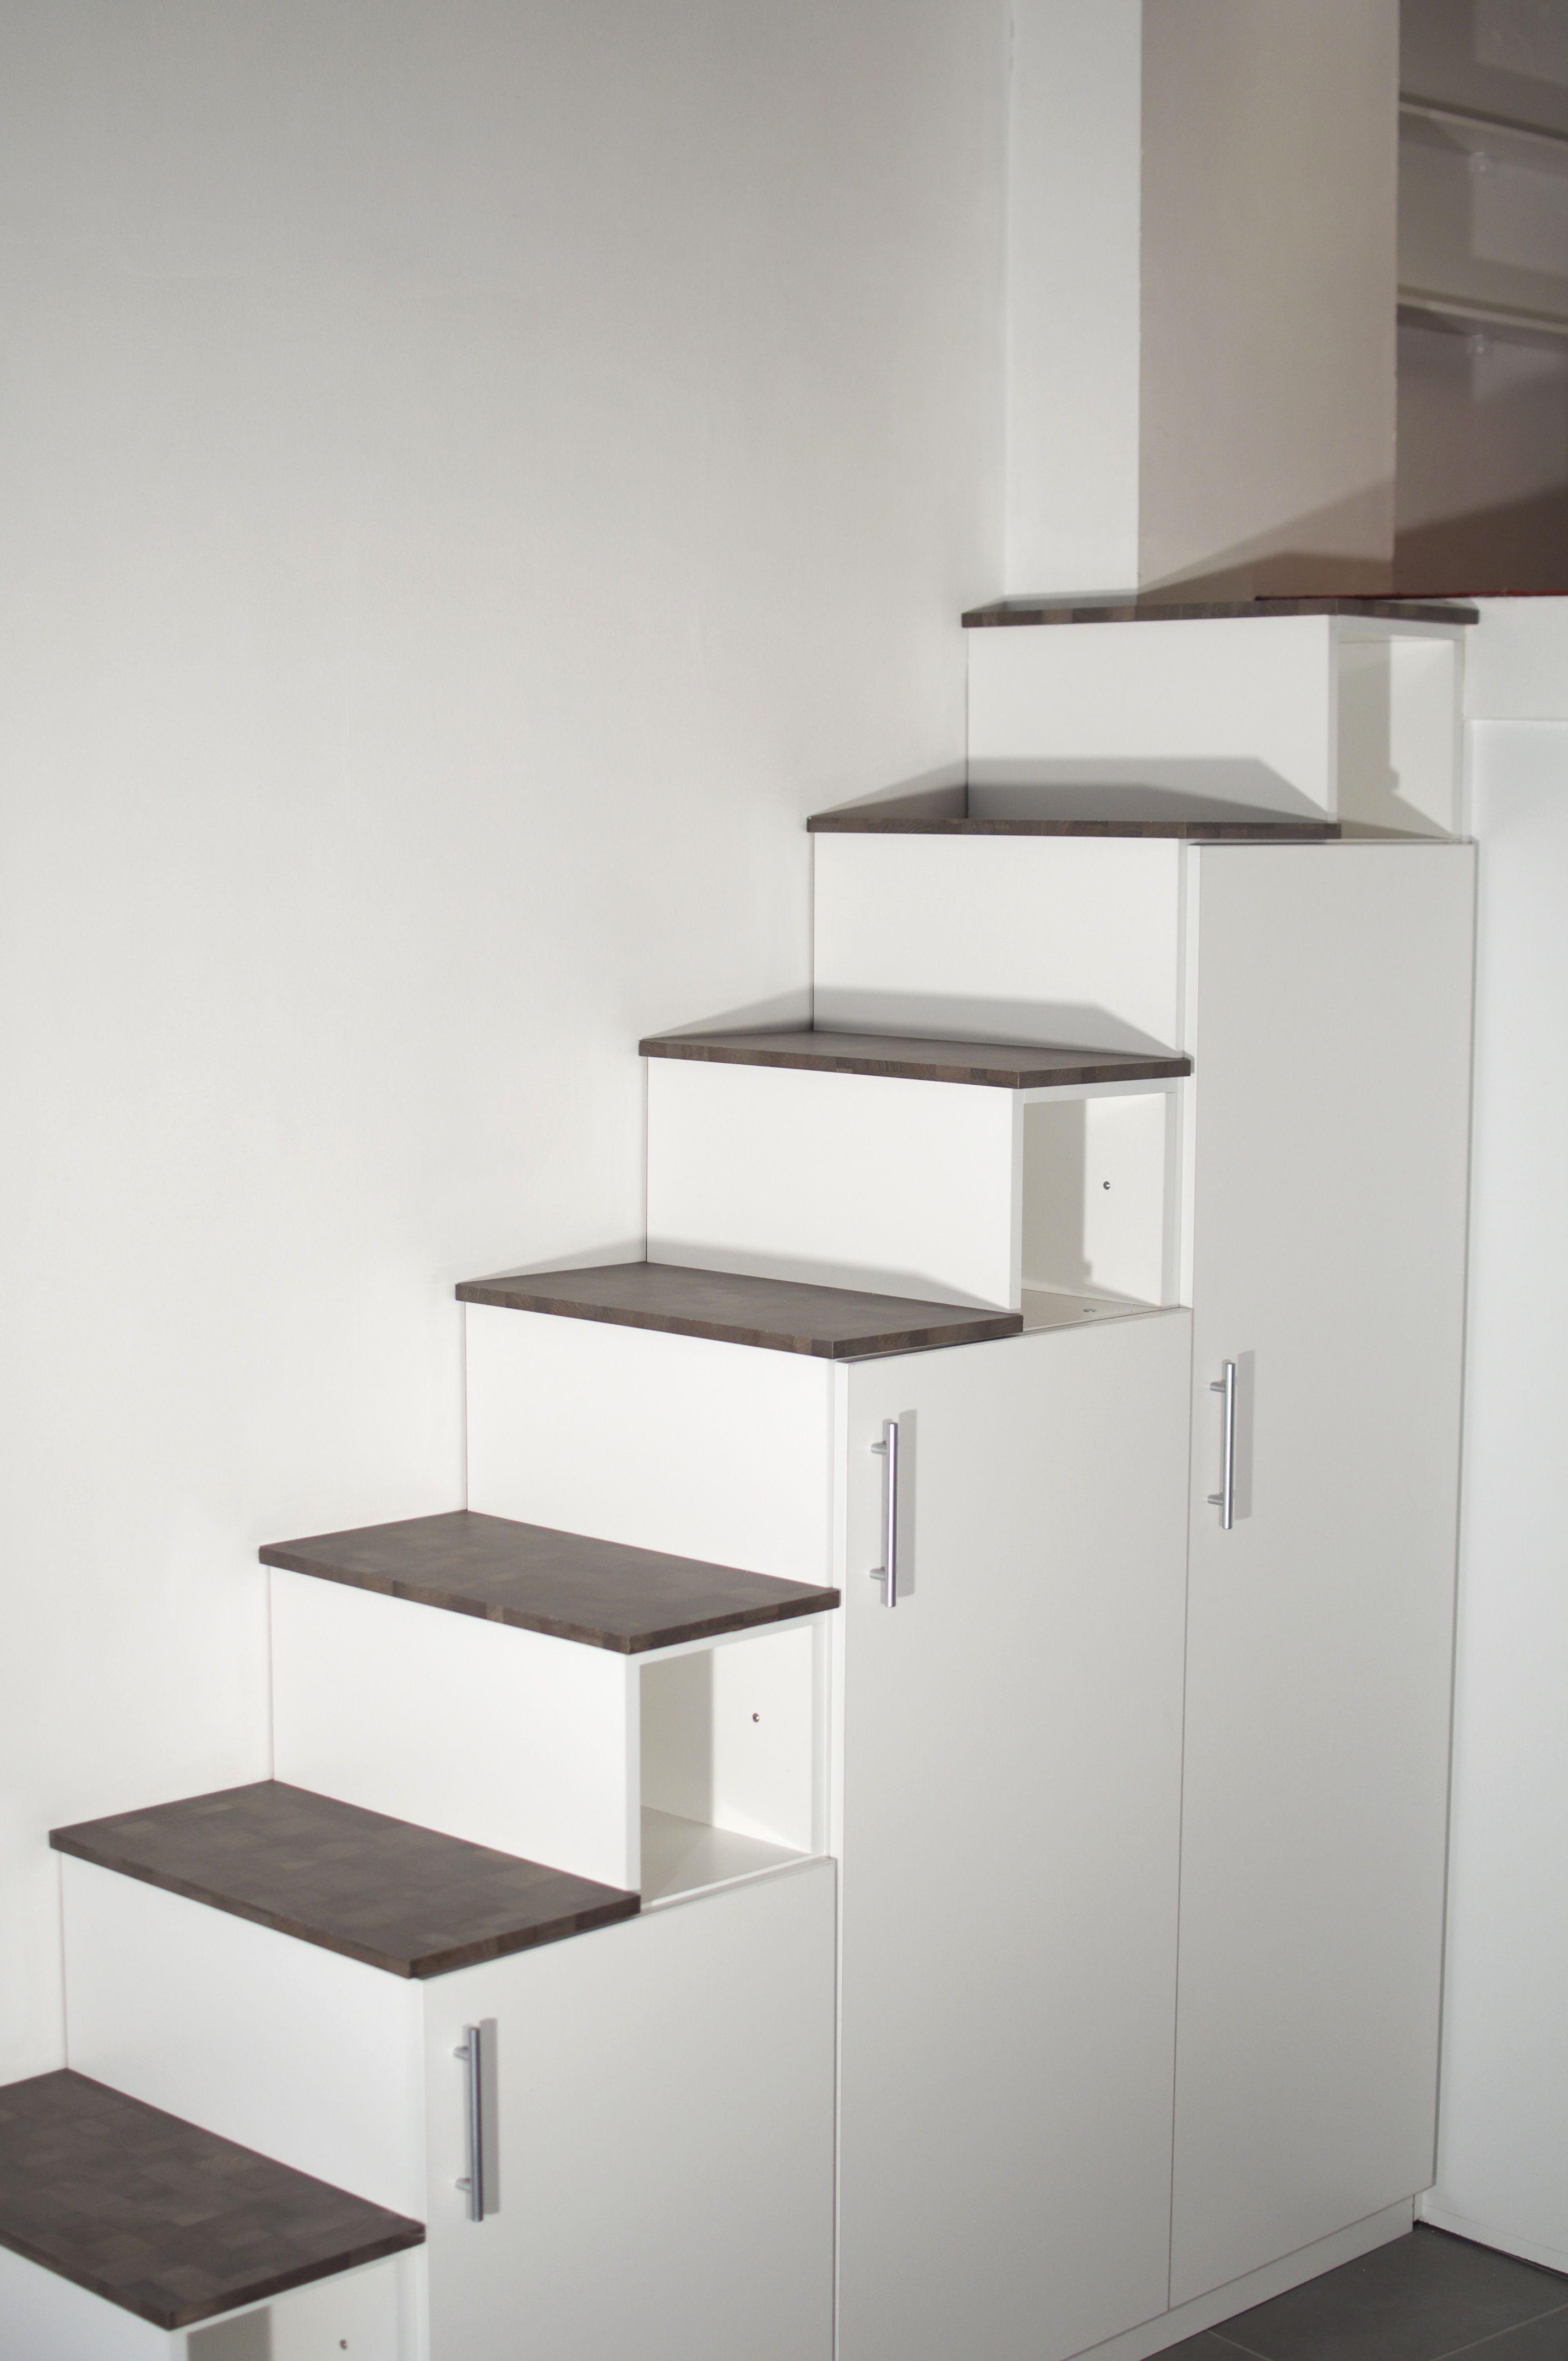 Meuble Escalier Sur Mesure Tout En Melamine Avec Des Marches En